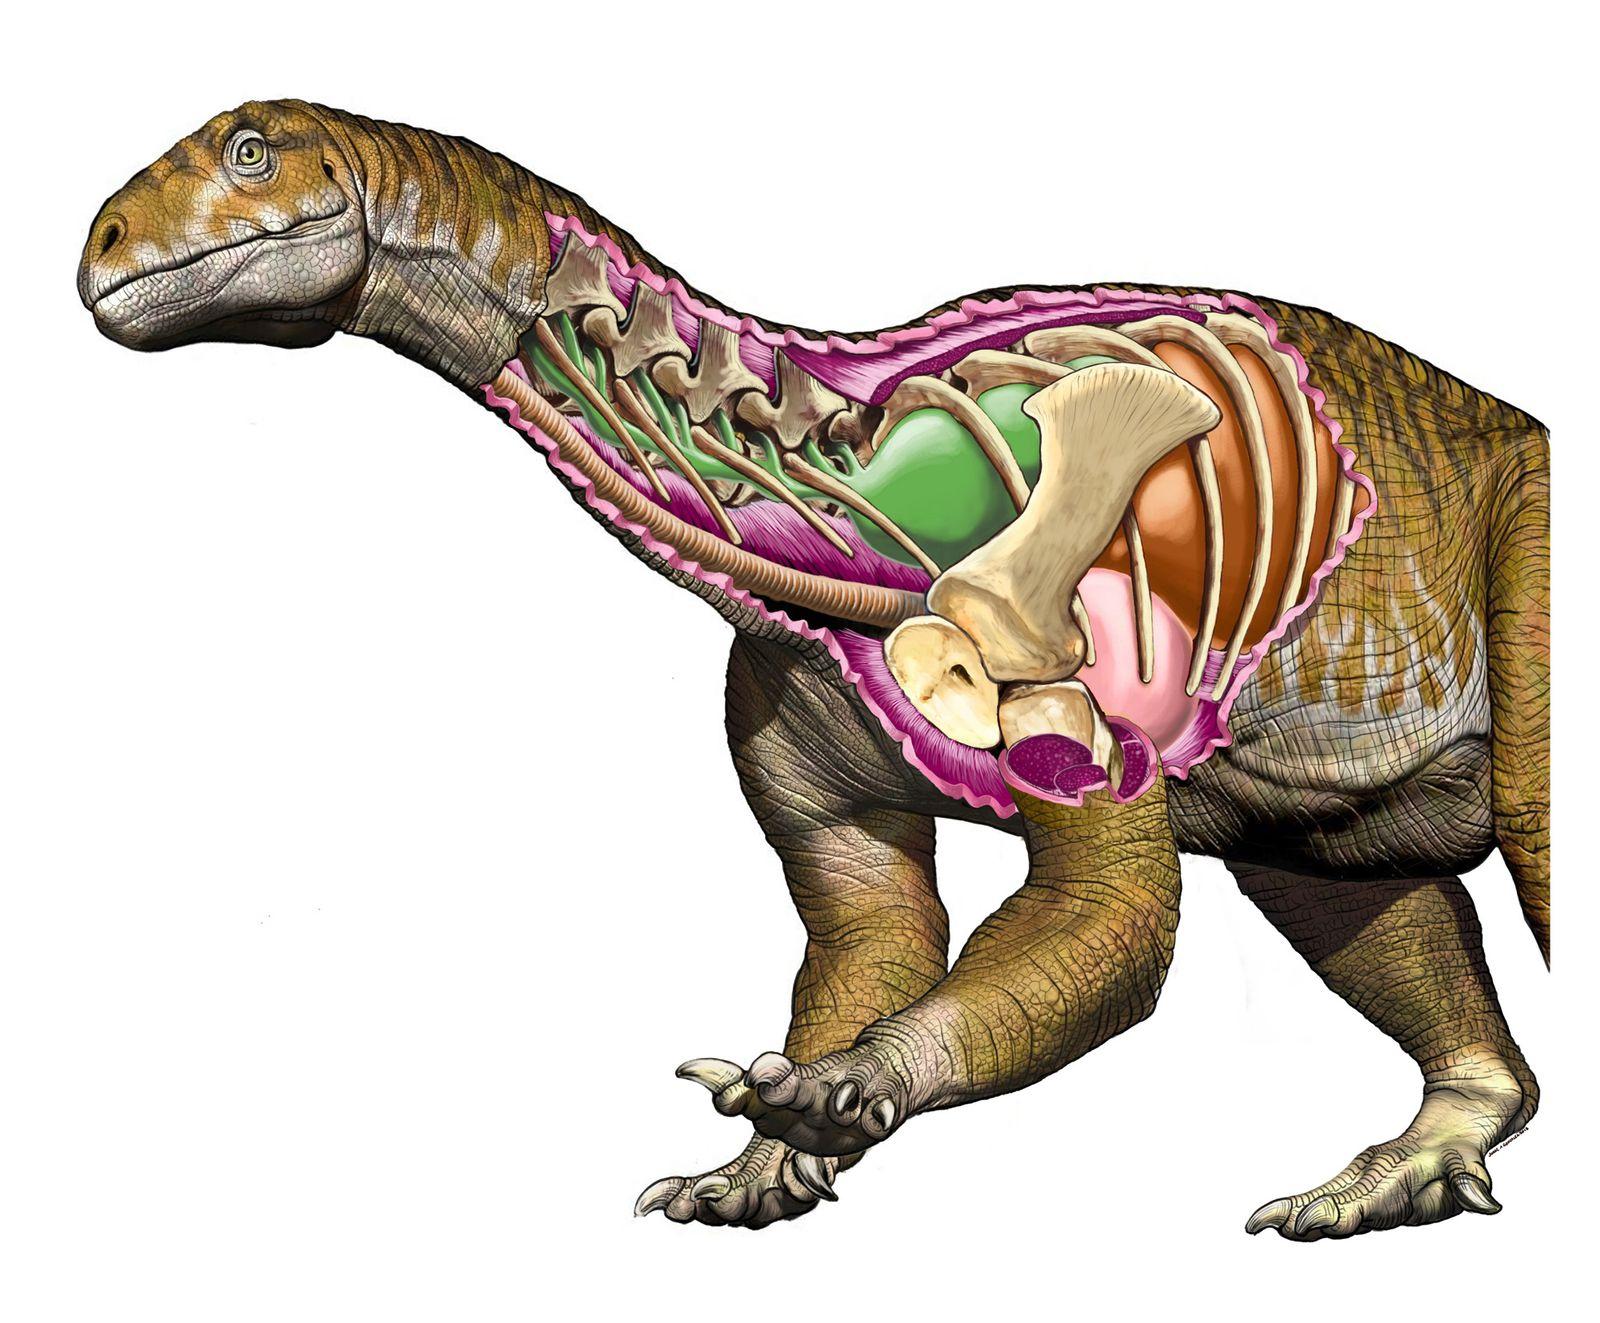 EINMALIGE VERWENDUNG SPERRFRIST 09.07.18 17 UHR / Dinosaurier